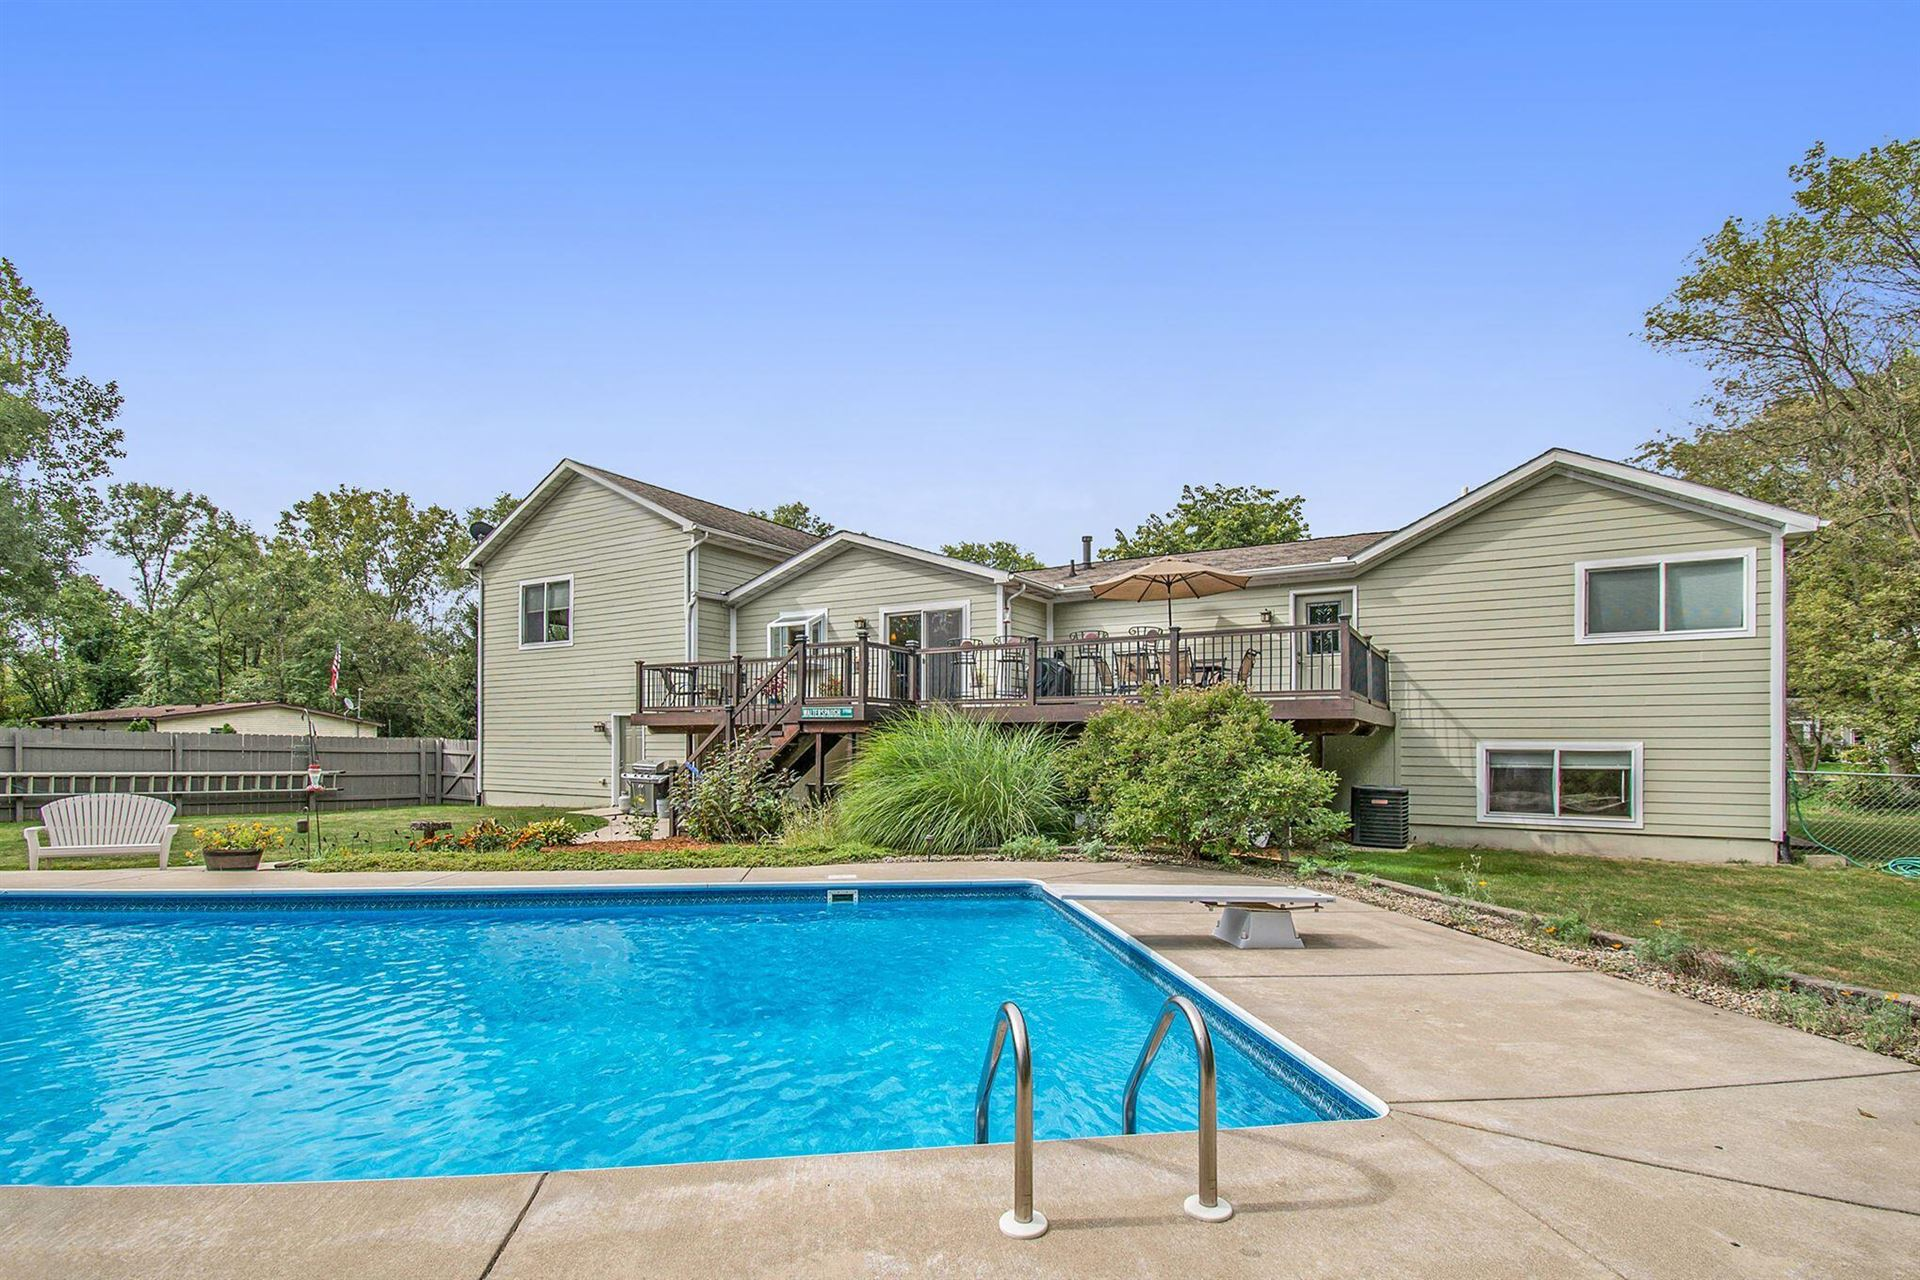 352 Burgess Drive, Galesburg, MI 49053 - MLS#: 21107754